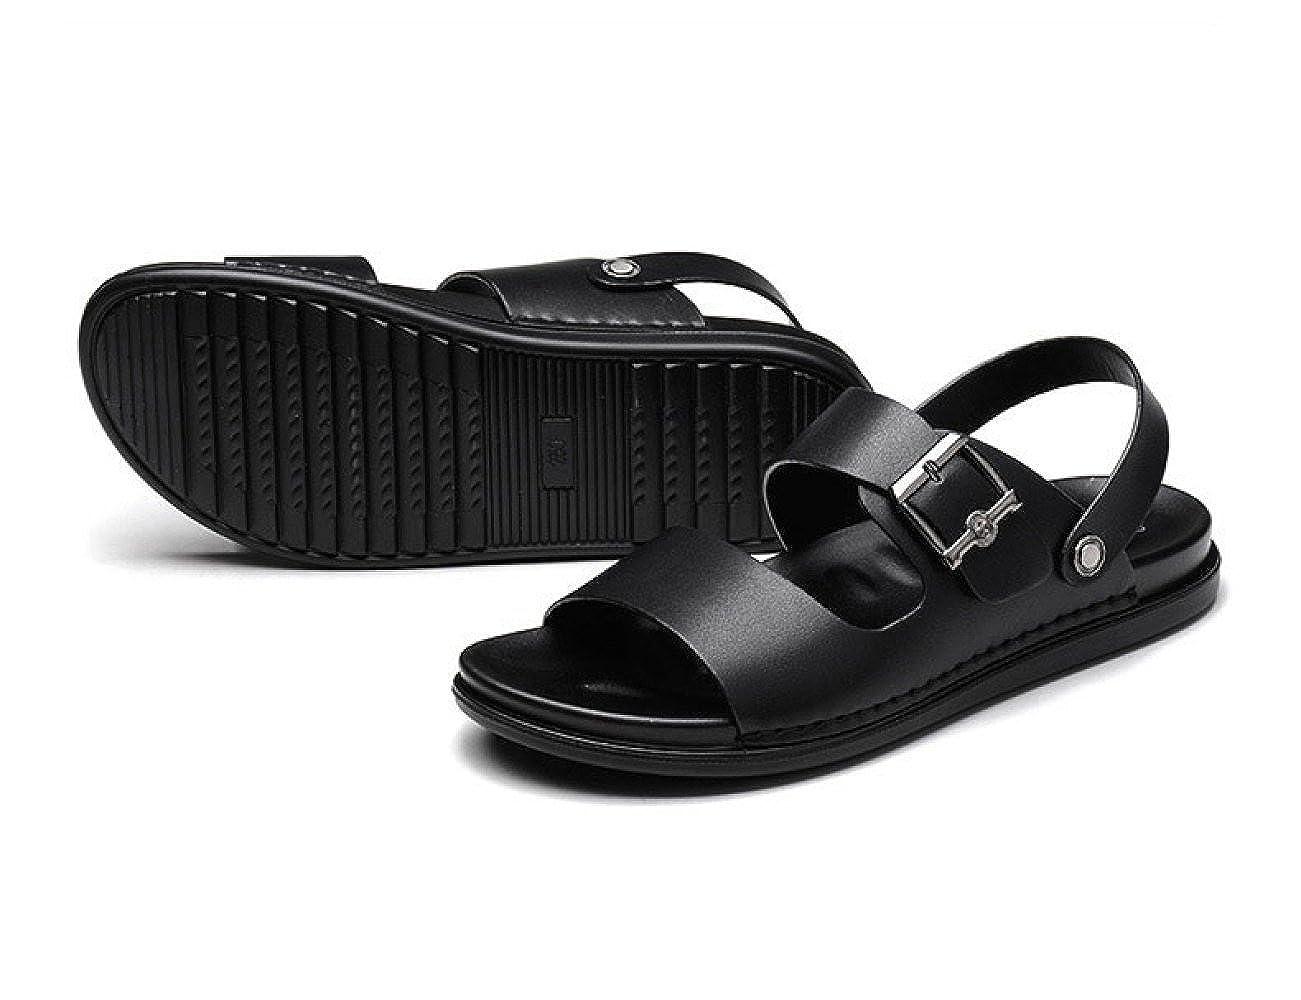 Sandalen Atmungsaktive Sommer Wasserdichte Offene Spitze Strand Schuhe Wasserdichte Sommer Casual Sandalen schwarz 9c2b7d